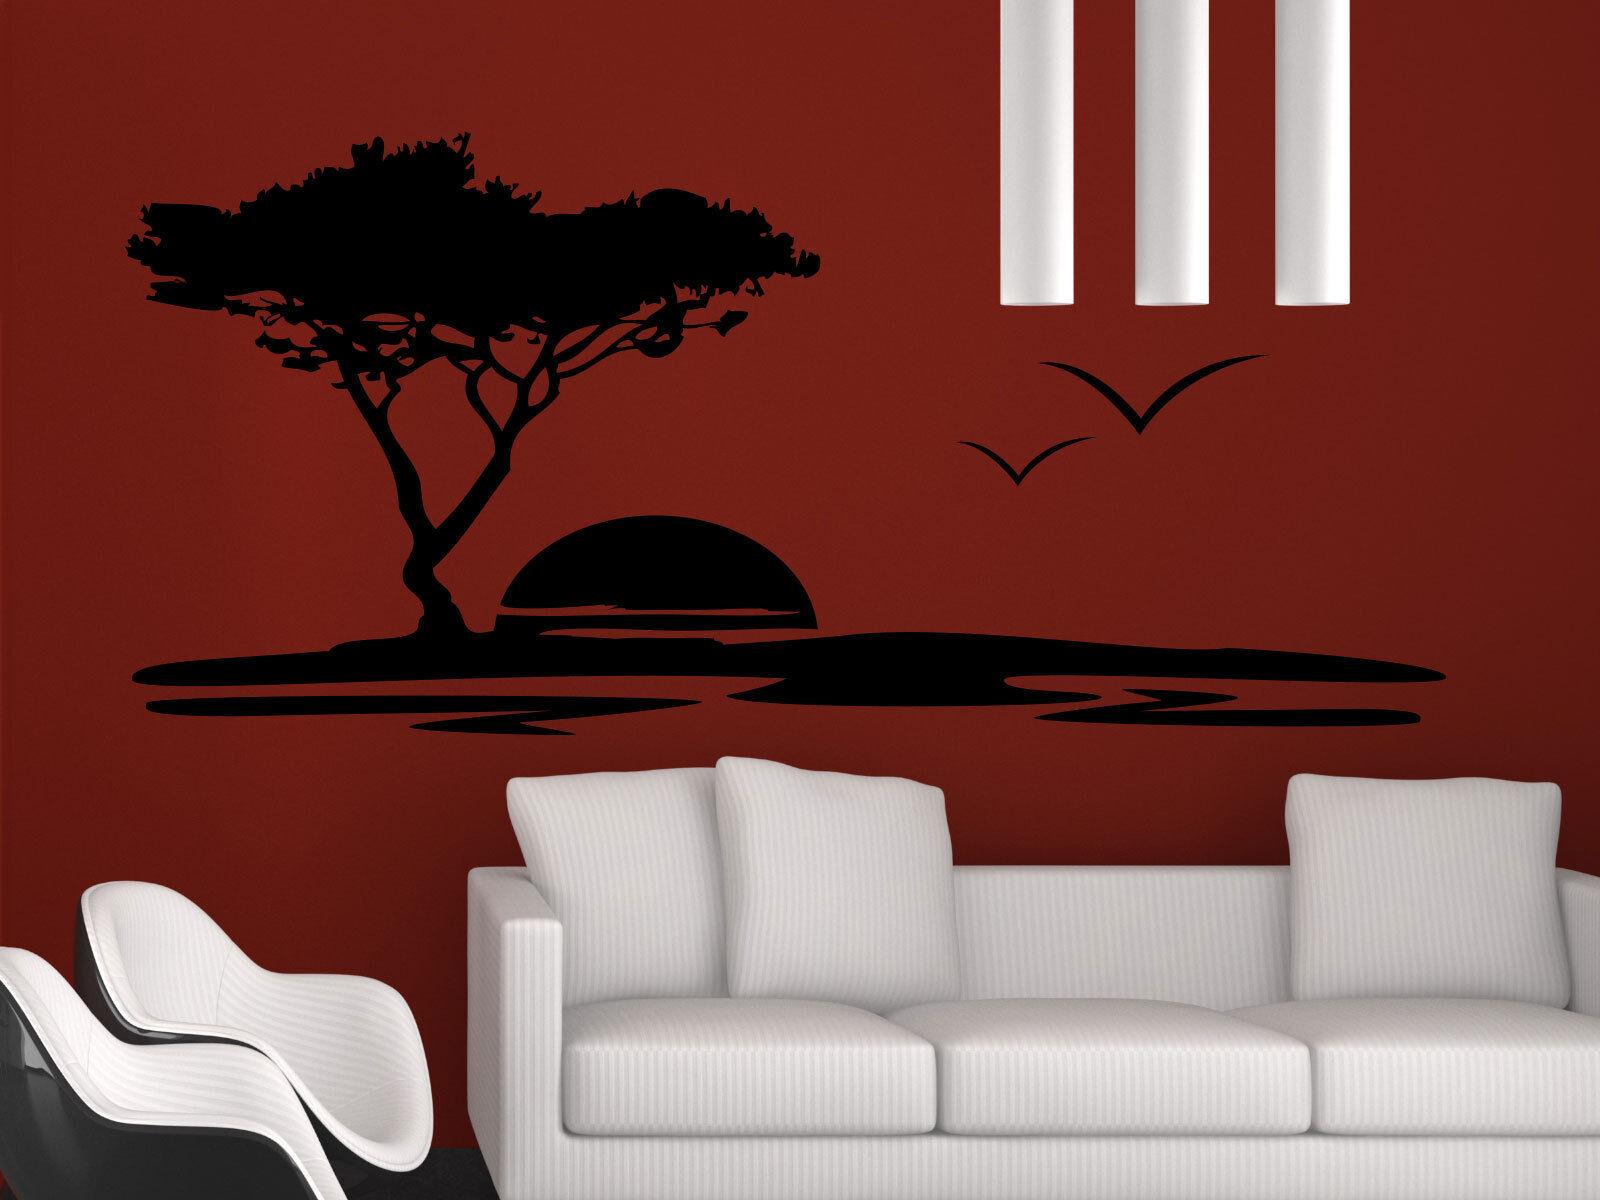 Wandtattoo Baum Landschaft Afrika Wohnzimmer Kinderzimmer Schlafzimmer Küche